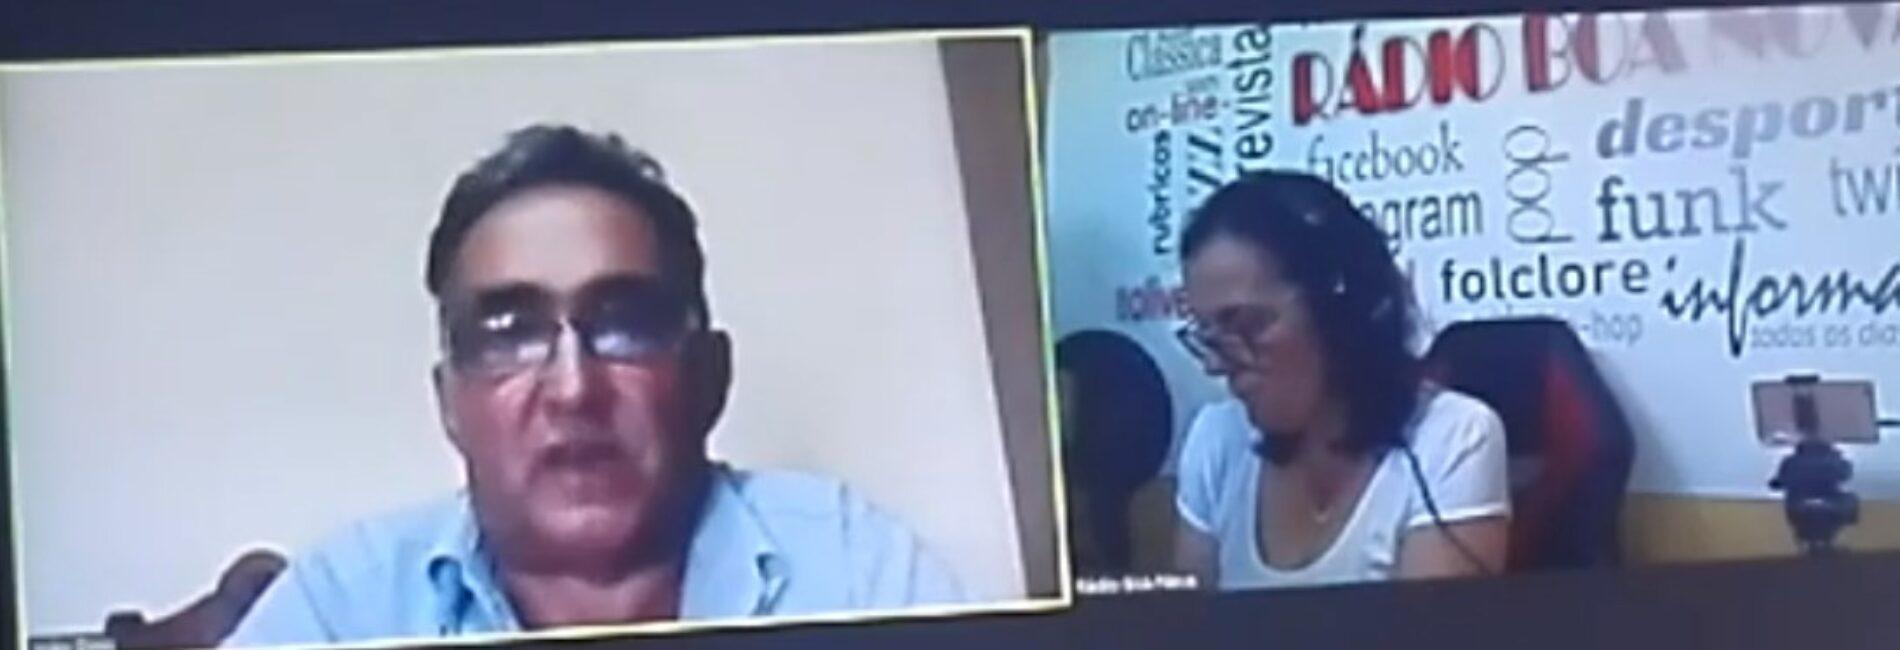 """Direito de Resposta: João Dinis diz não ter querela com Igreja, mas insiste com existência de """"promiscuidade"""" entre o presidente da Câmara e """"alguns párocos"""" (com vídeo)"""